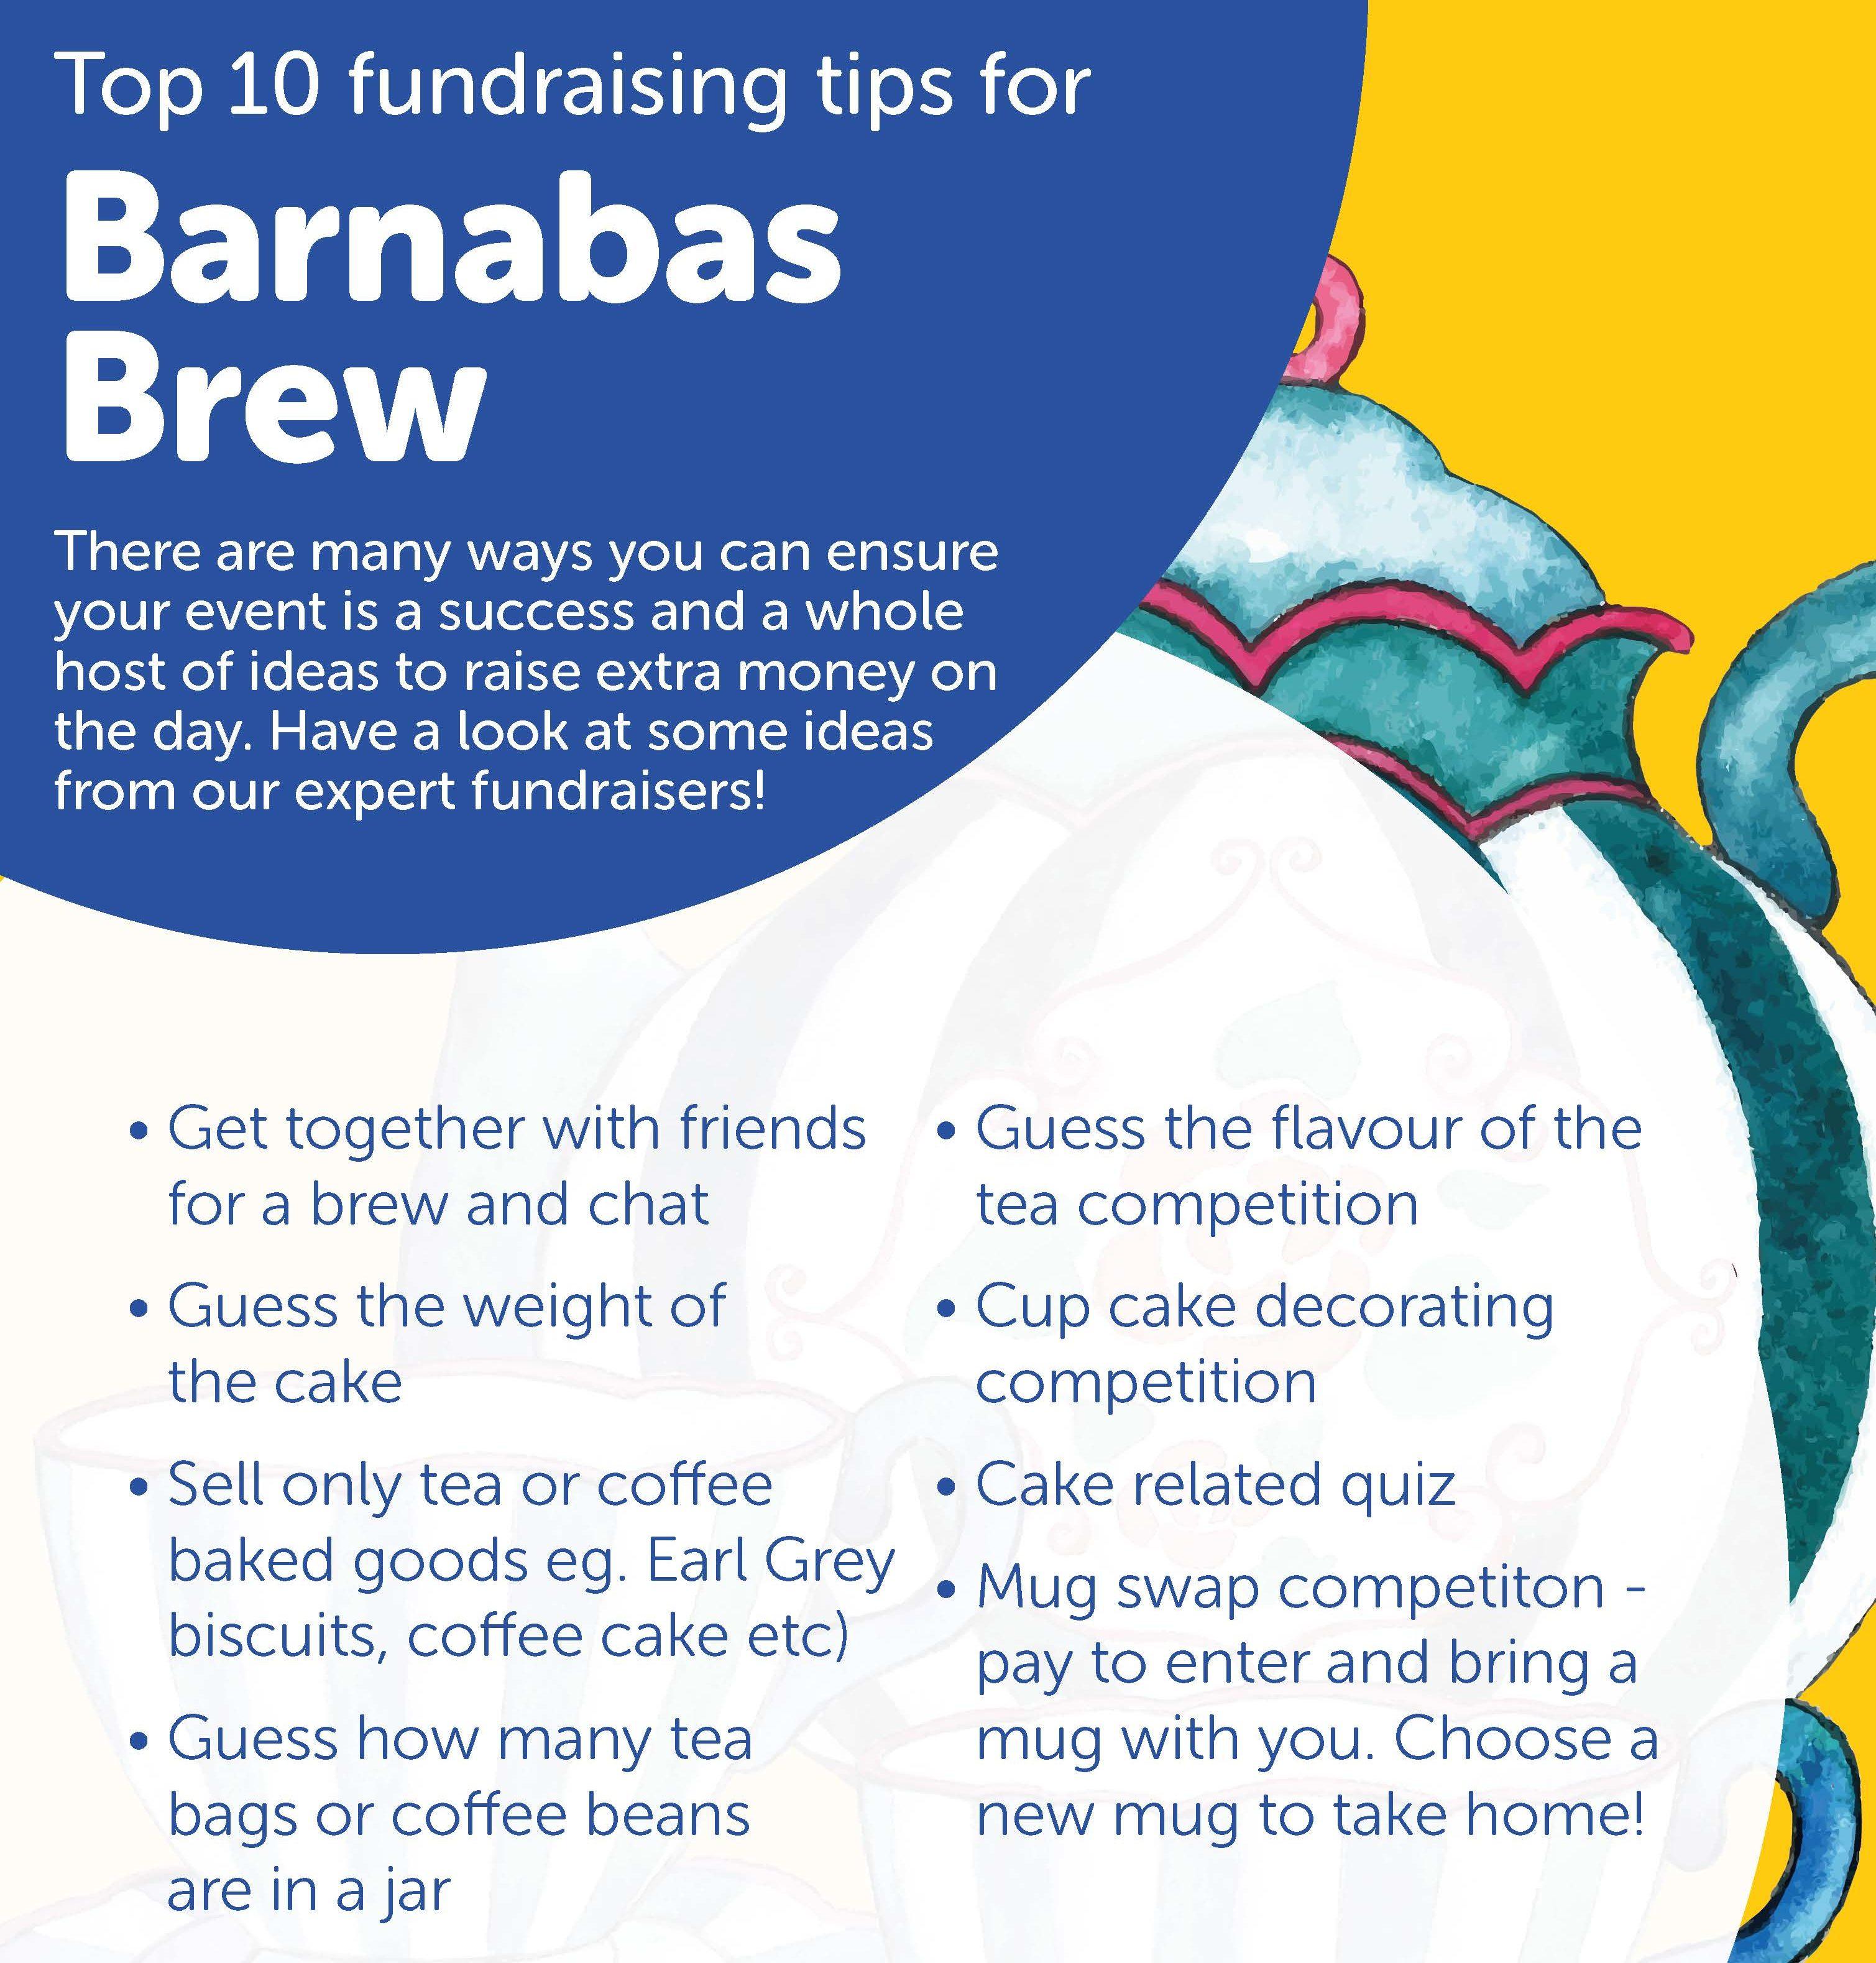 Barnabas Brew Fundraising Tips